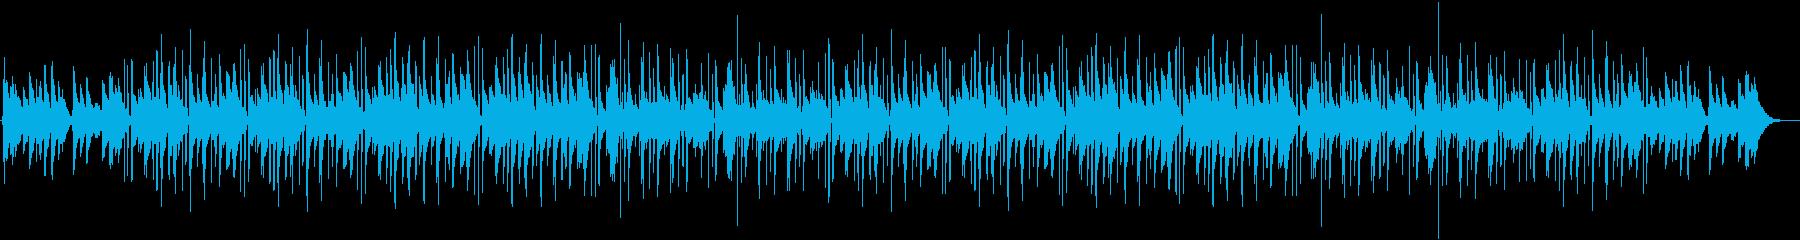 ジャズを基調にしたビートトラックの再生済みの波形